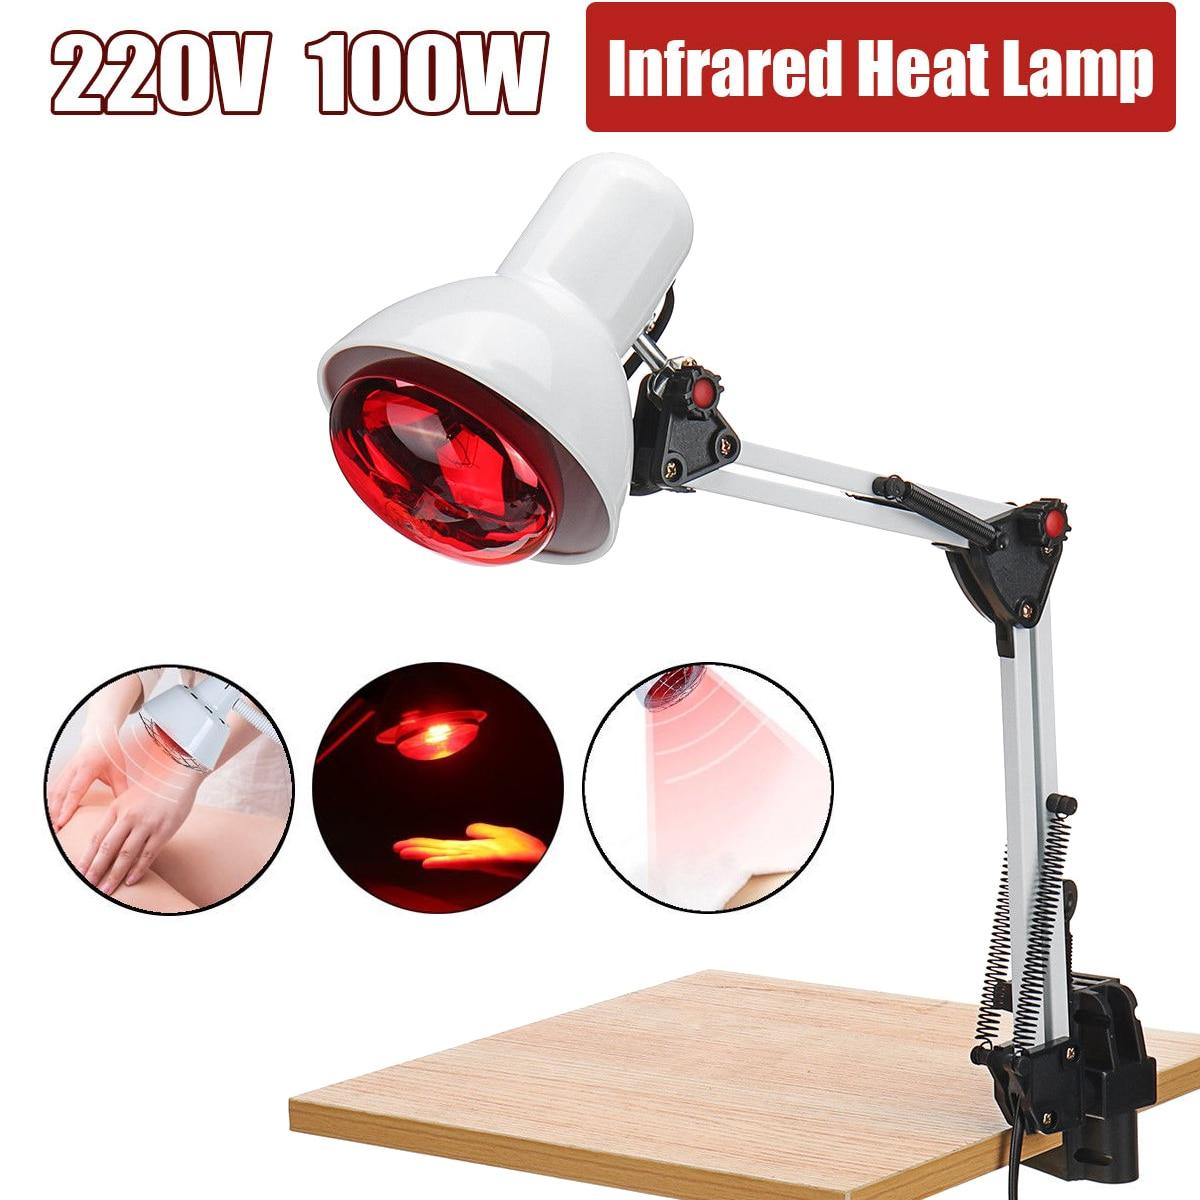 220 V 100 W Infrarouge Lampe Chauffante Chauffage Therapie Lumiere